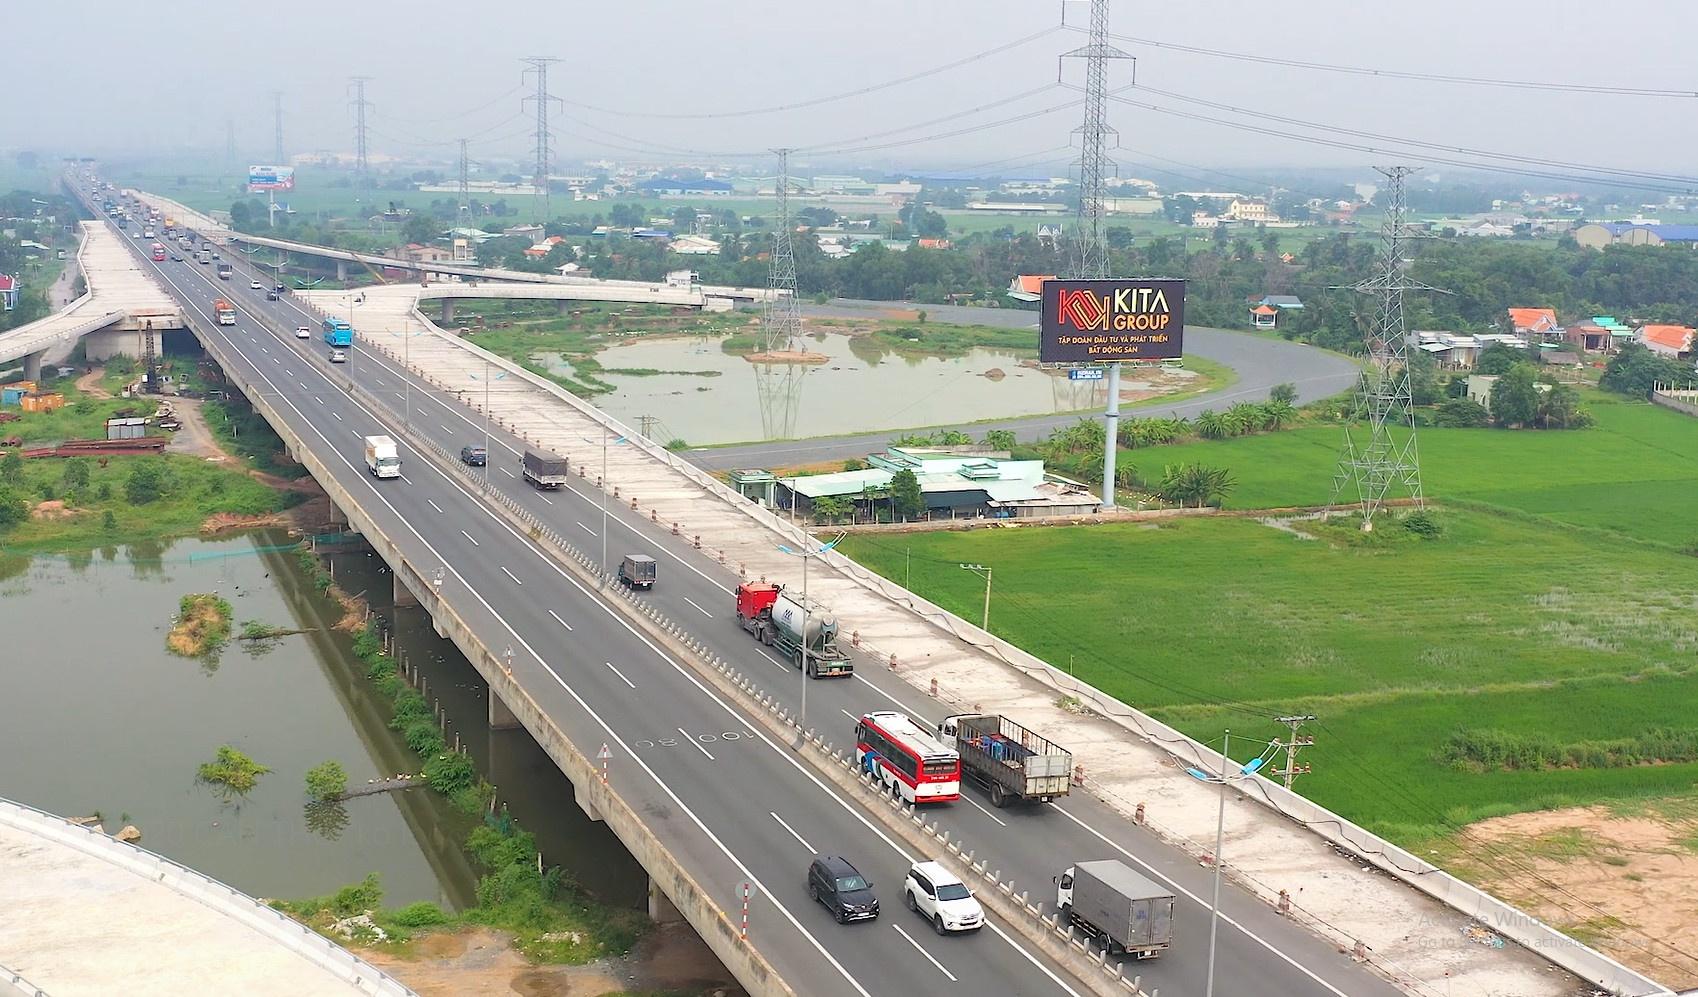 Phát triển hạ tầng Tây Nam bộ, nâng giá trị Đại đô thị Stella Mega City - ảnh 1